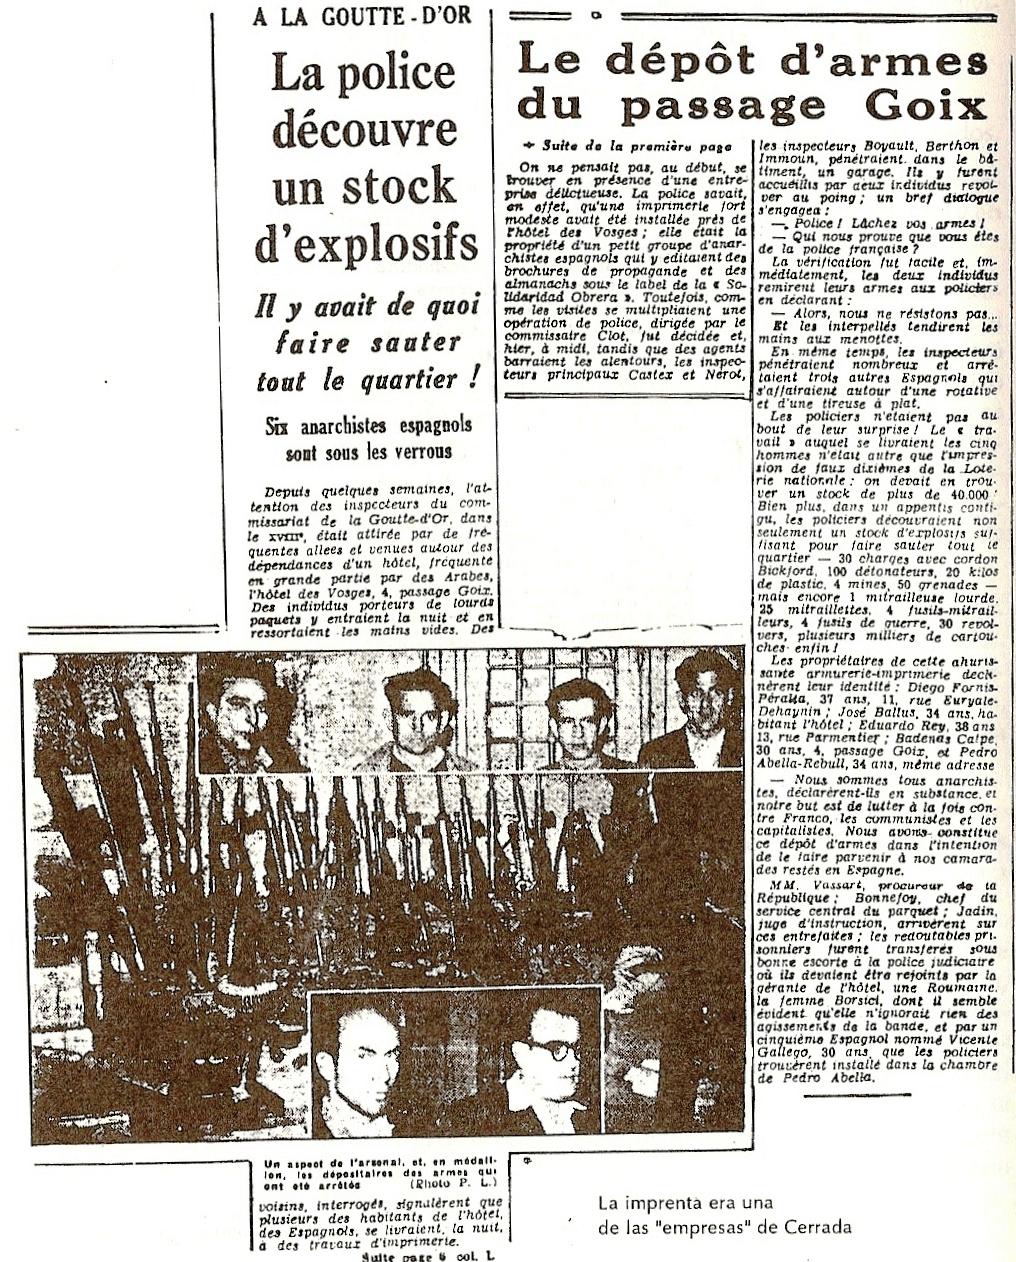 Imprenta y arsenal incautados a Cerrada. LE PARISIEN libèrè 11-5-1949